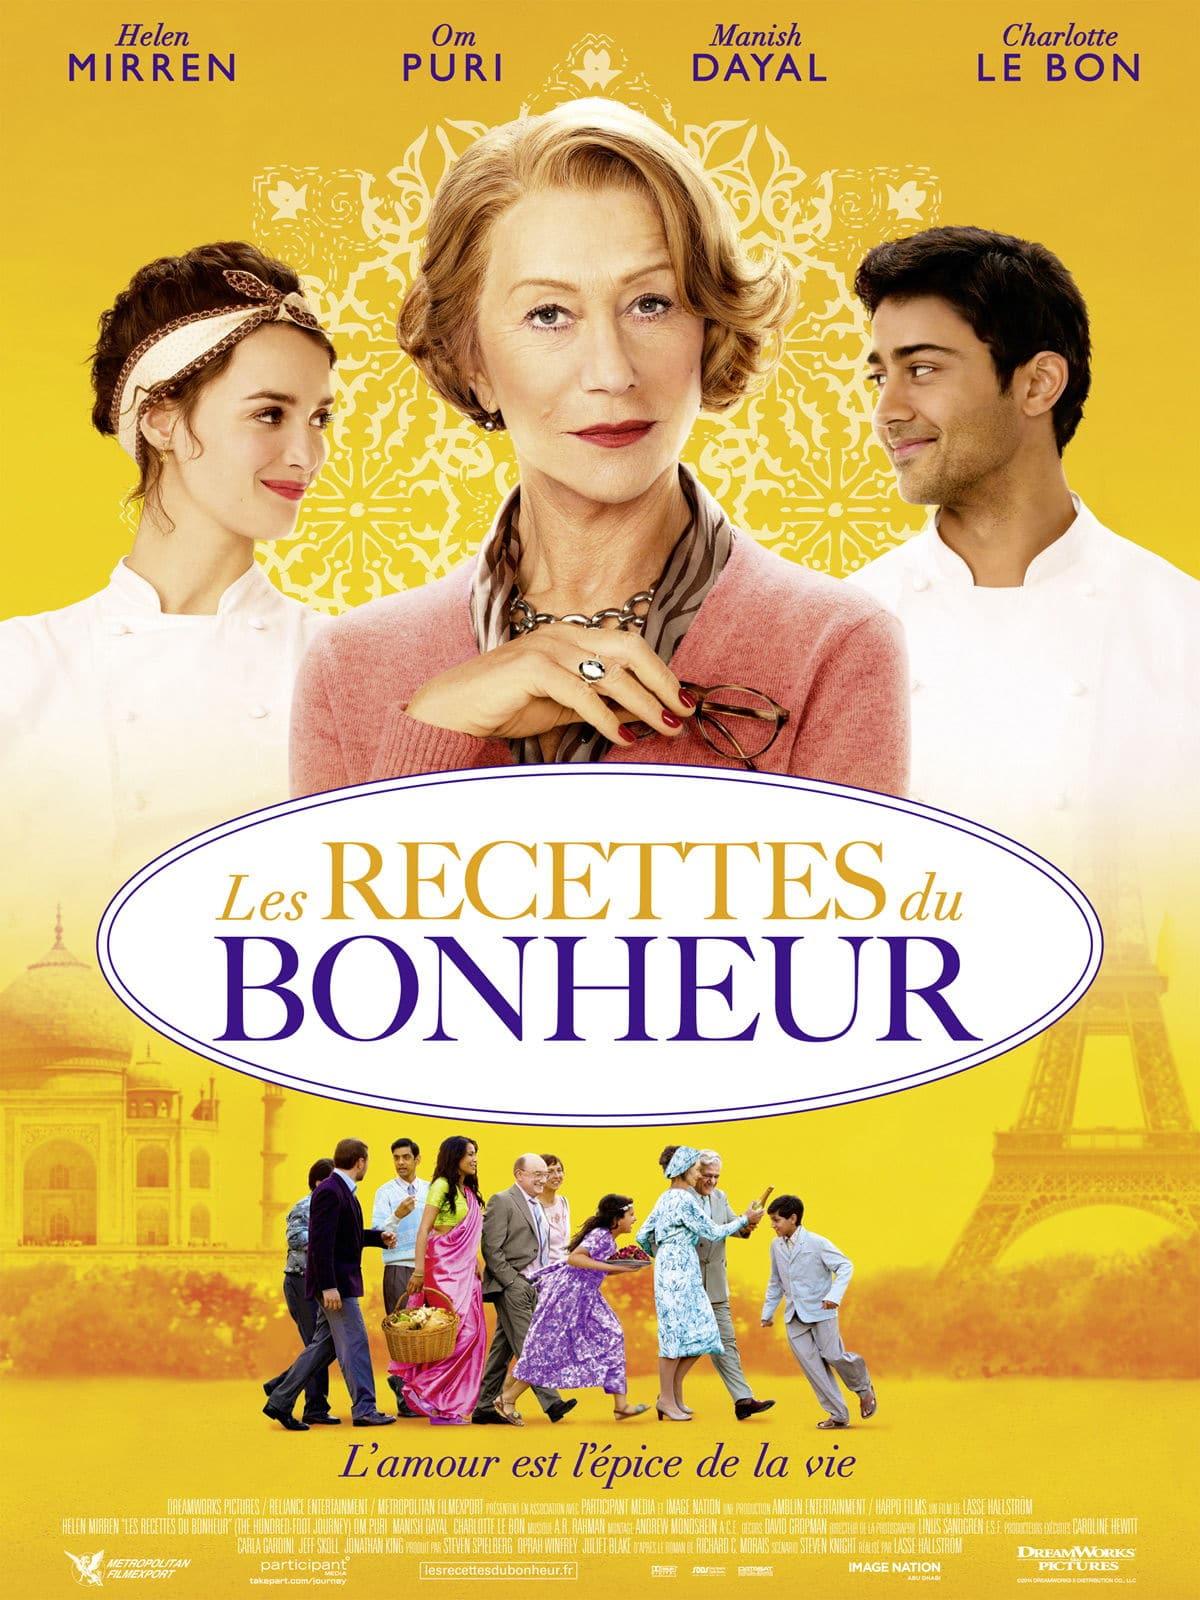 http://oblikon.net/wp-content/uploads/les_recettes_du_bonheur.jpg